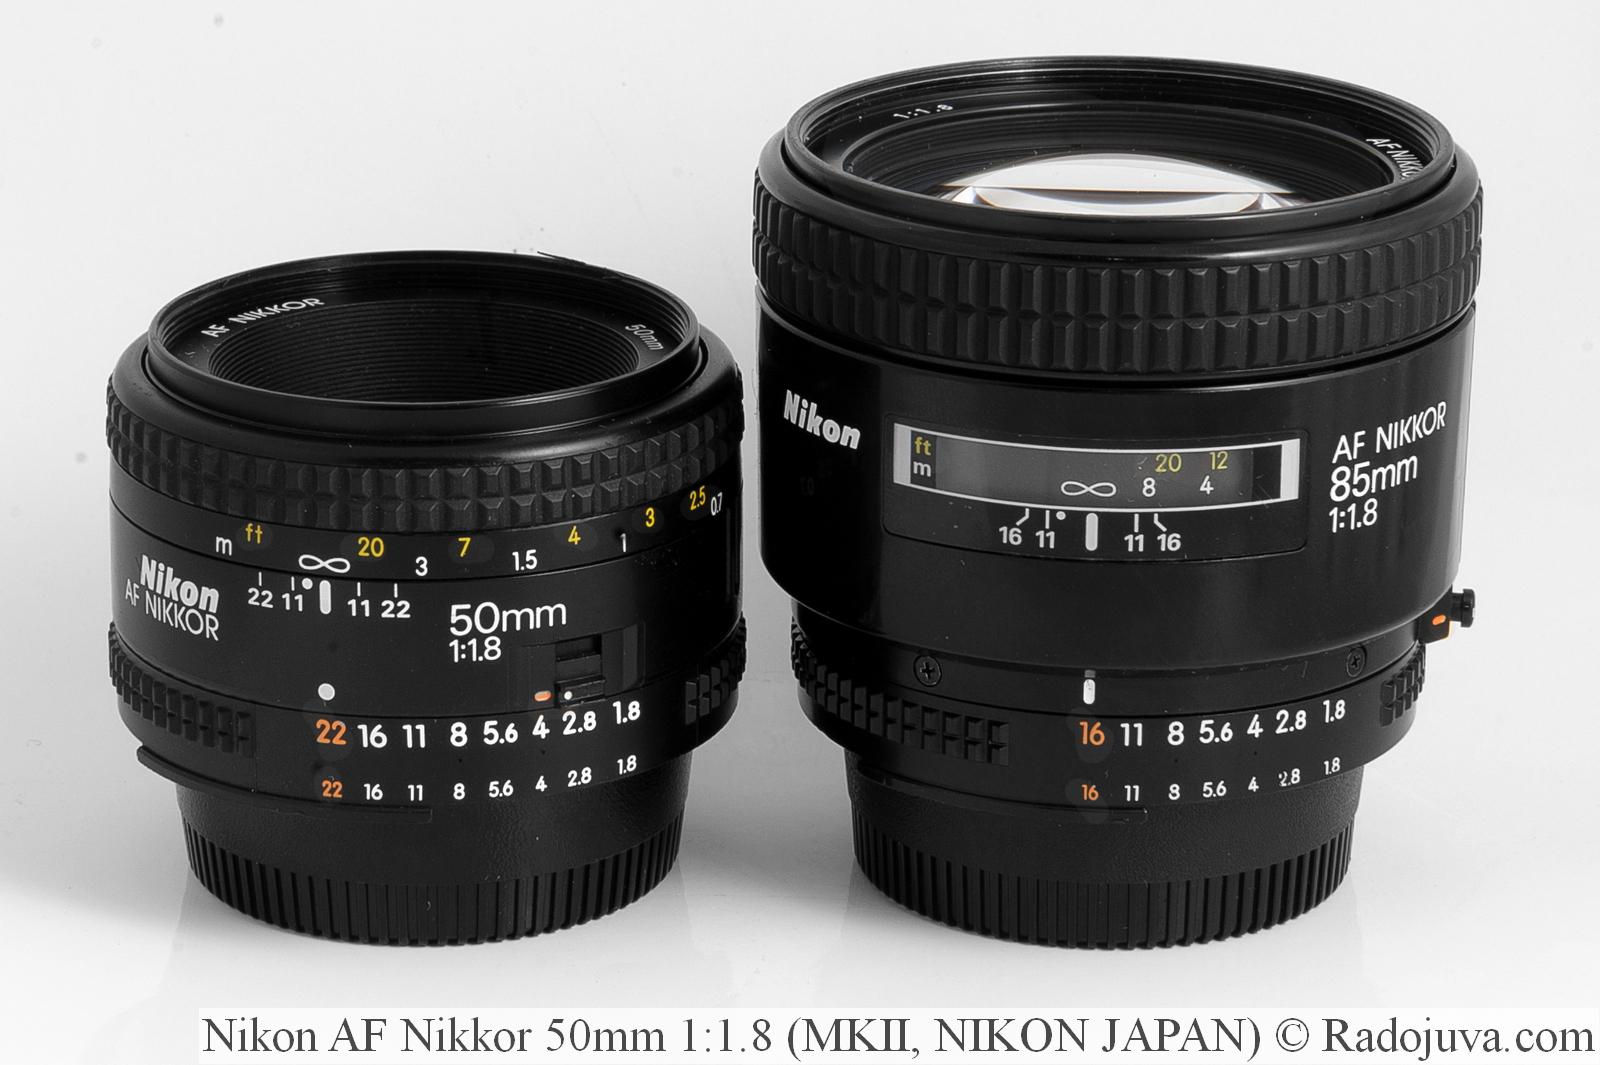 Nikon AF Nikkor 50mm 1:1.8, версия MKII, NJ (NIKON JAPAN) и Nikon AF Nikkor 85mm 1:1.8